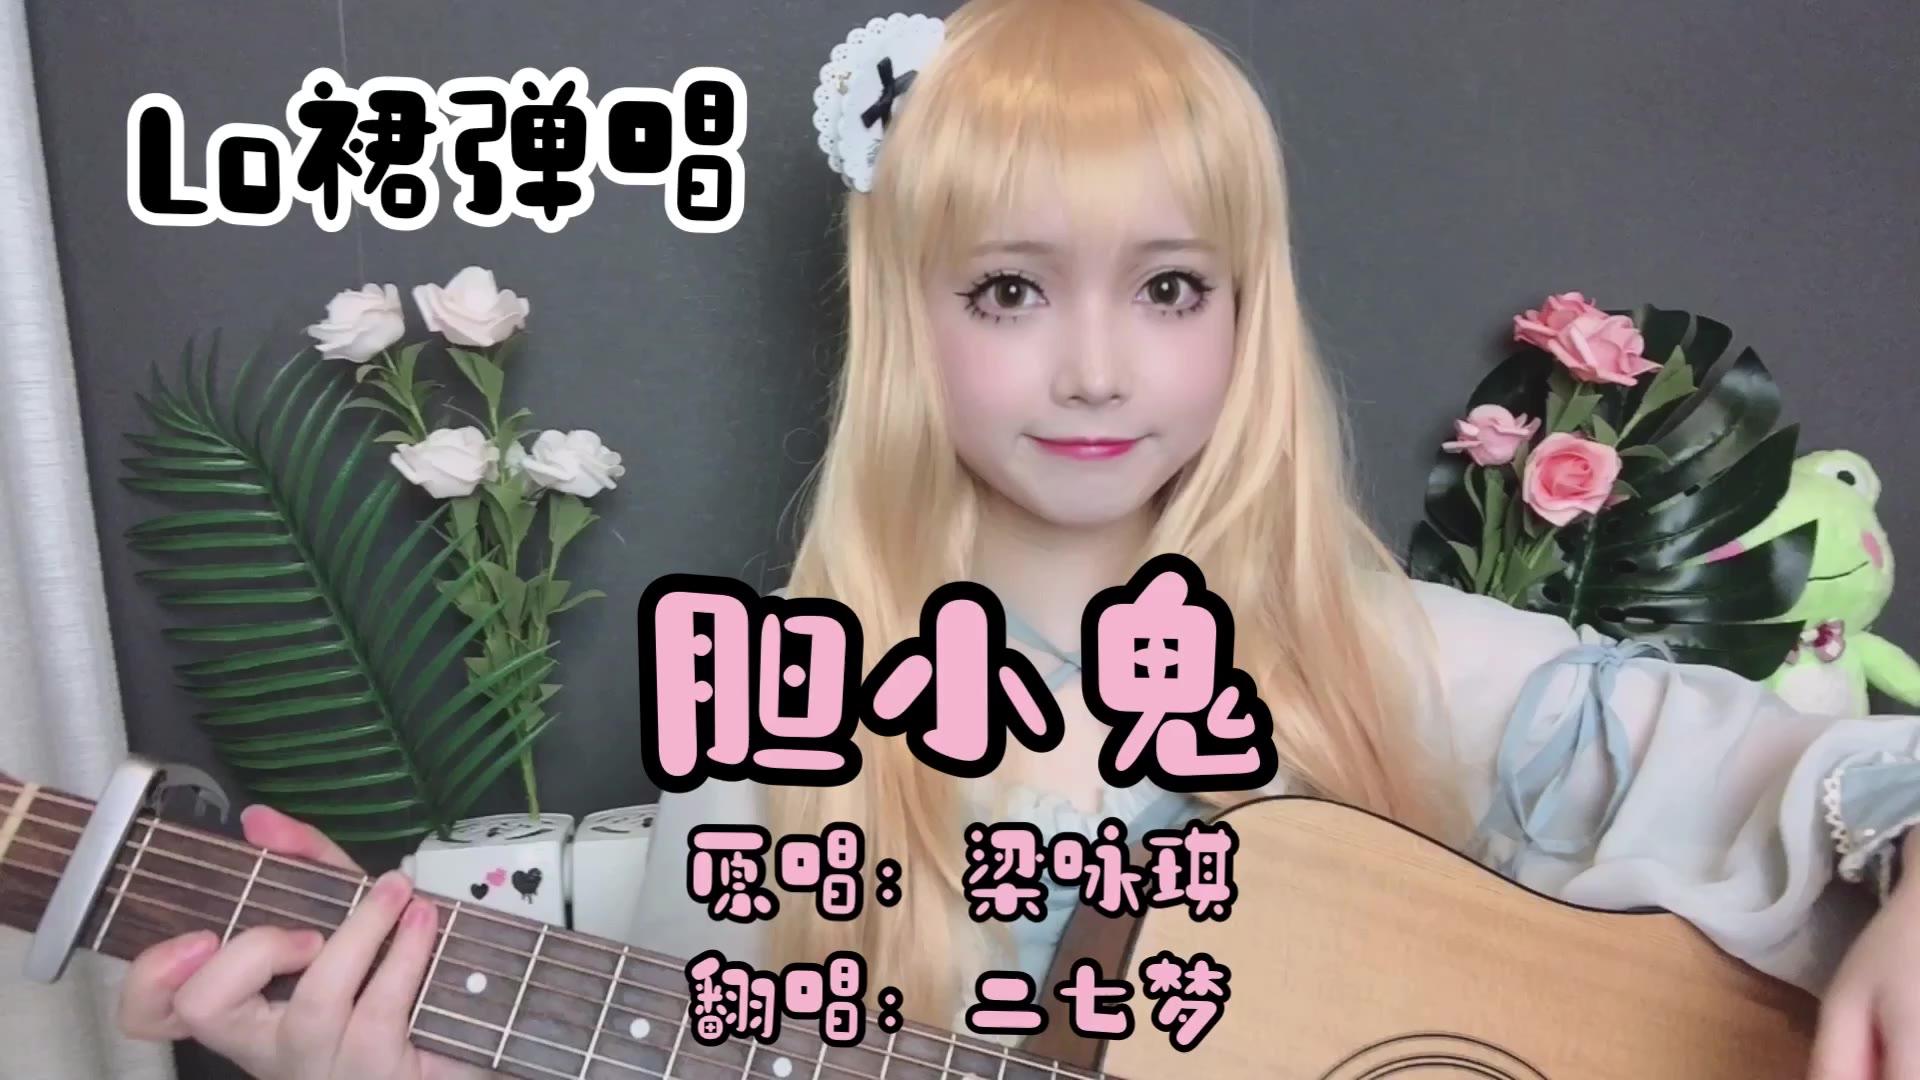 【Lolita】#lo裙蕉友#你在恋爱里是不是胆小鬼呢?吉他弹唱《胆小鬼》!